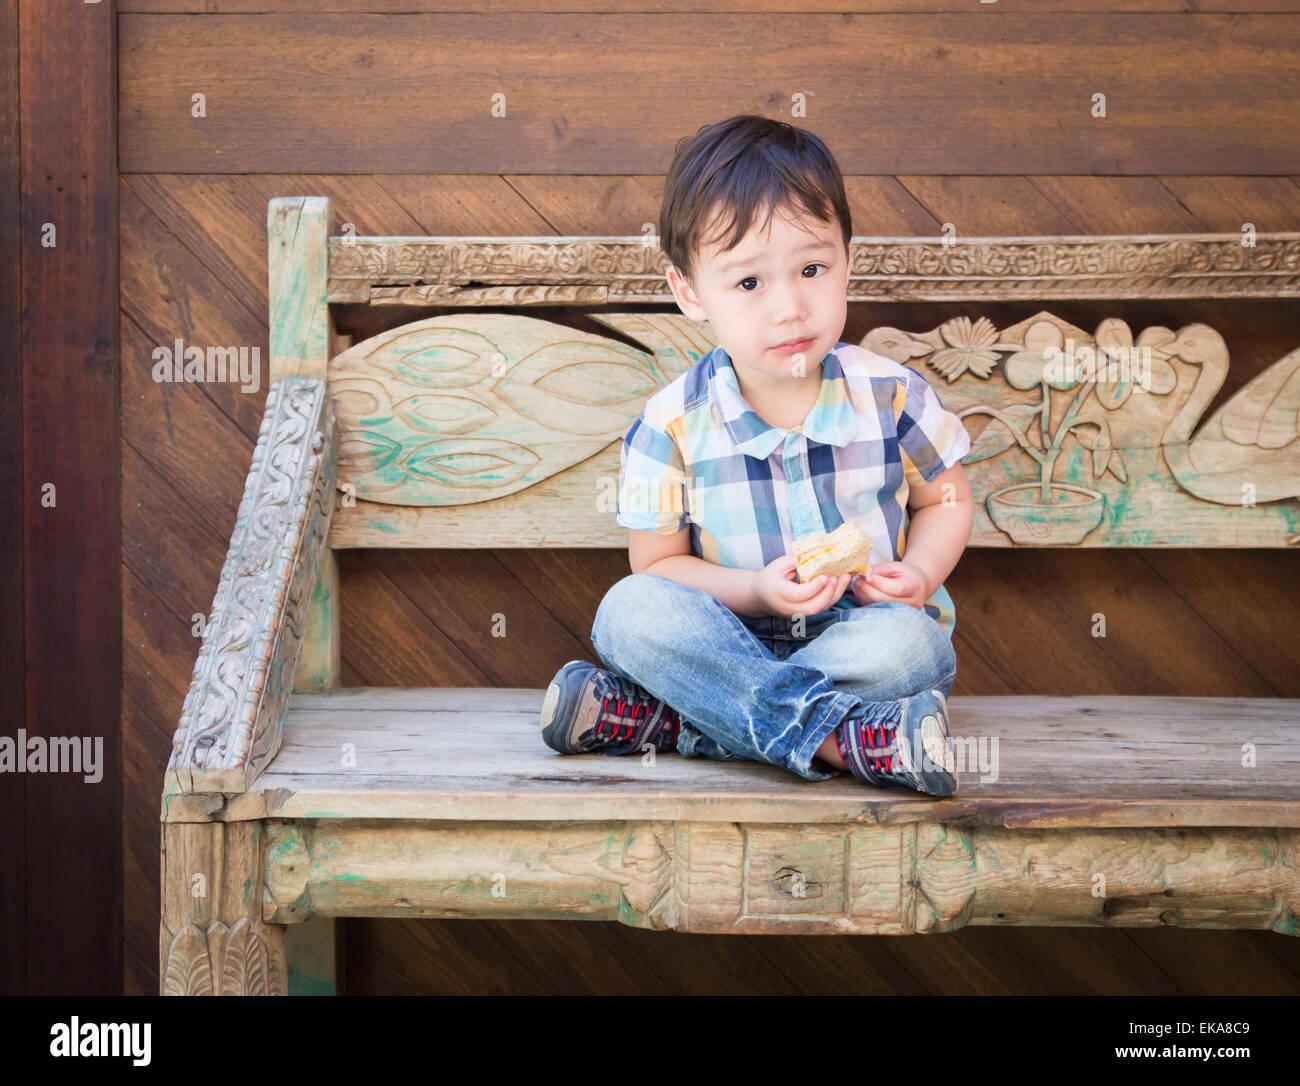 Décontracté Cute Boy assis sur un banc en train de manger son sandwich. Photo Stock